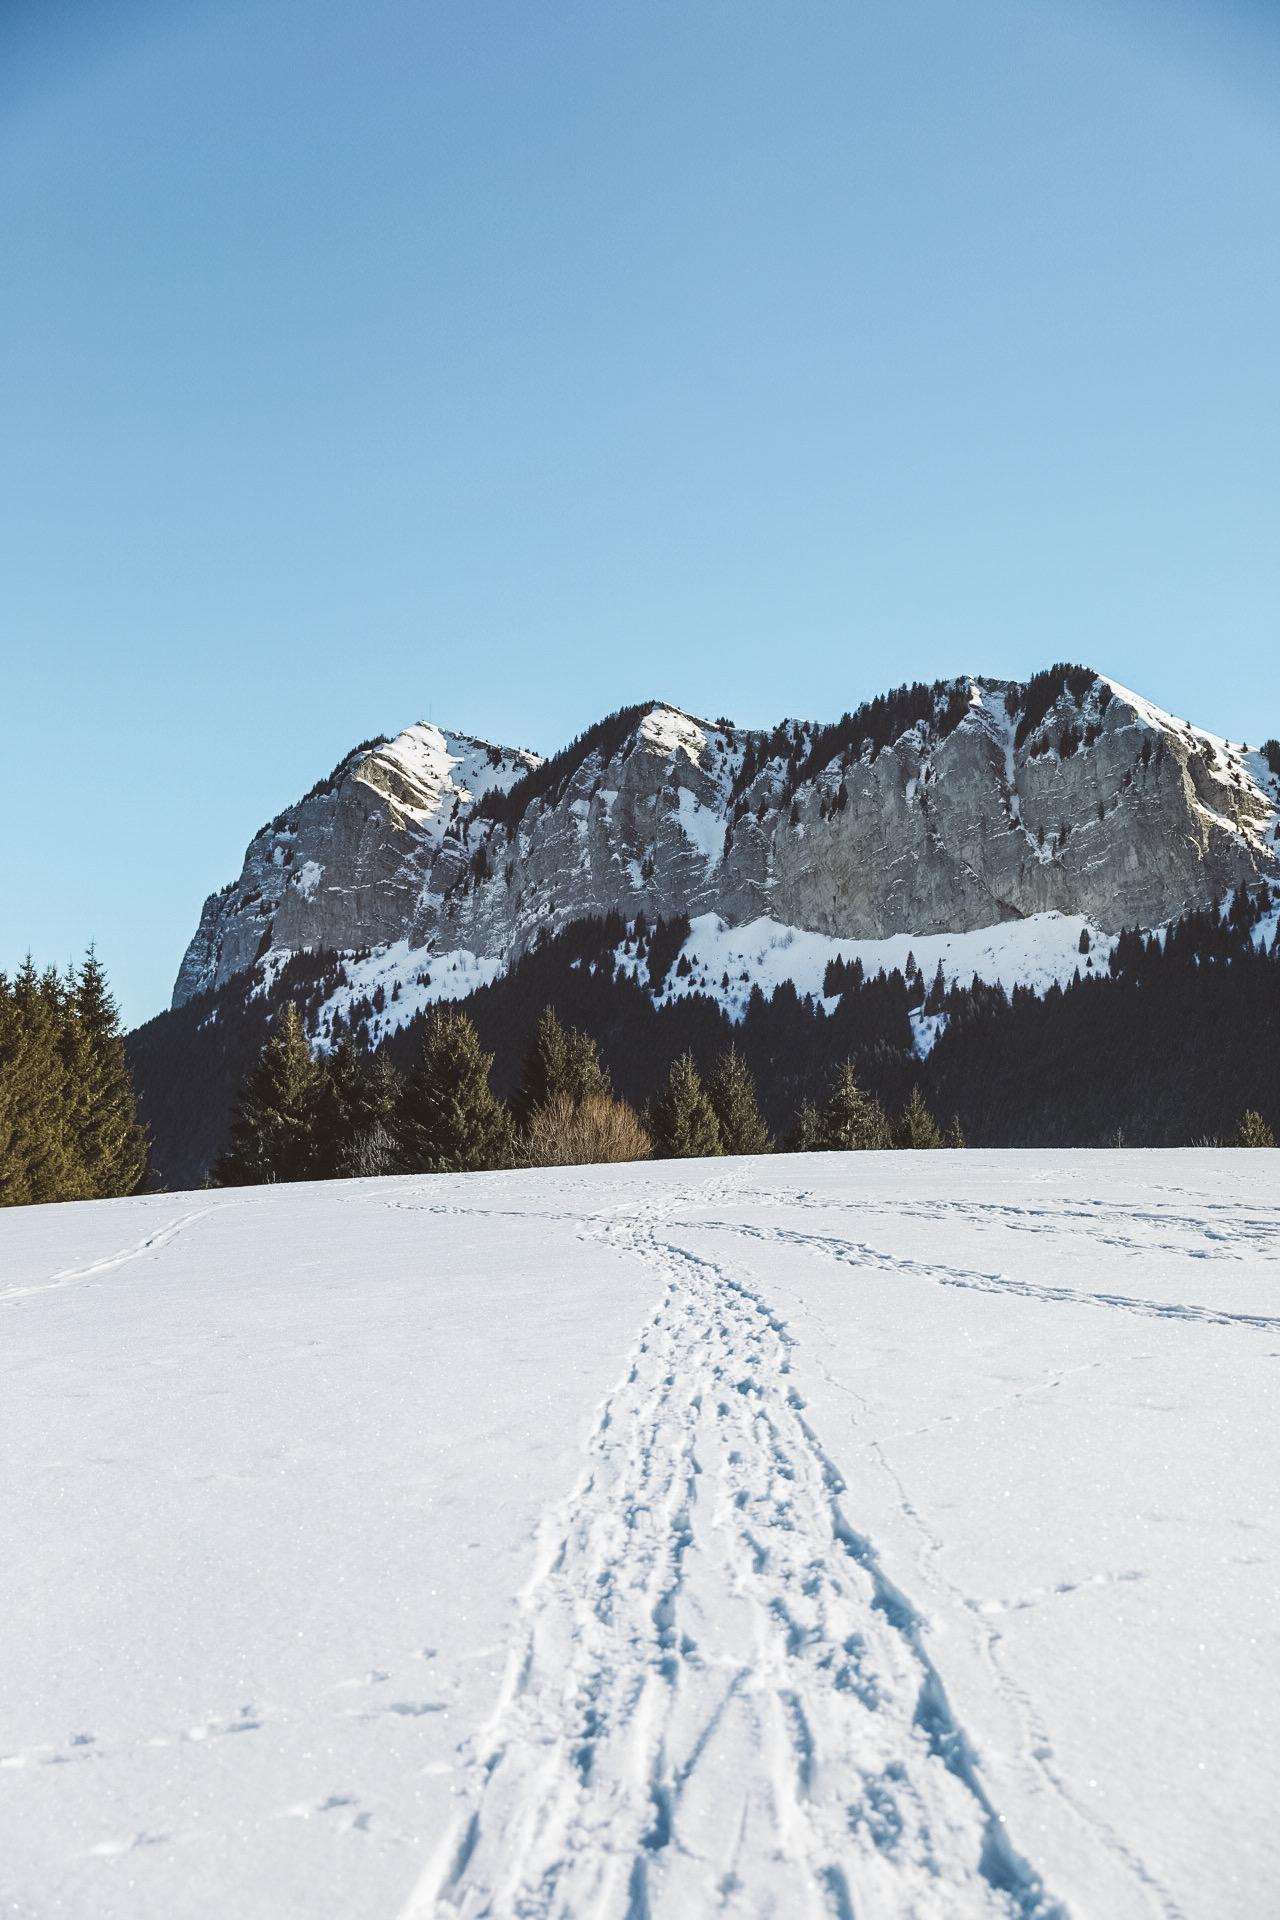 montagne enneigée à côté d'evian les bains